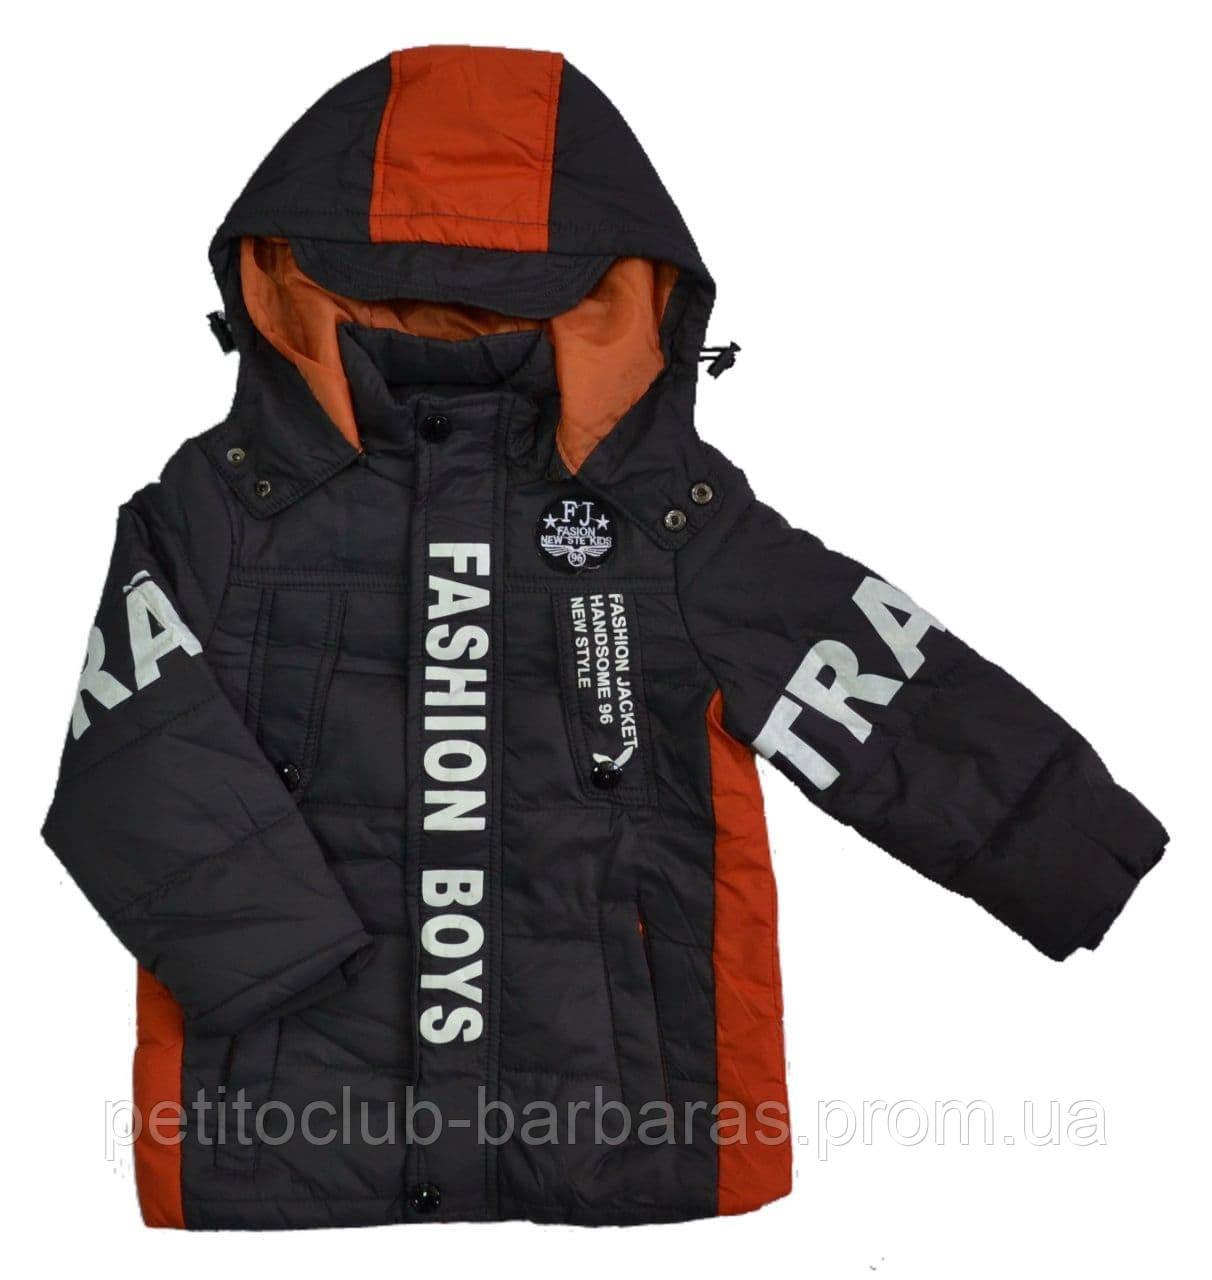 Дитяча демісезонна куртка для хлопчика Fashion Boys коричнева (Grace, Угорщина)